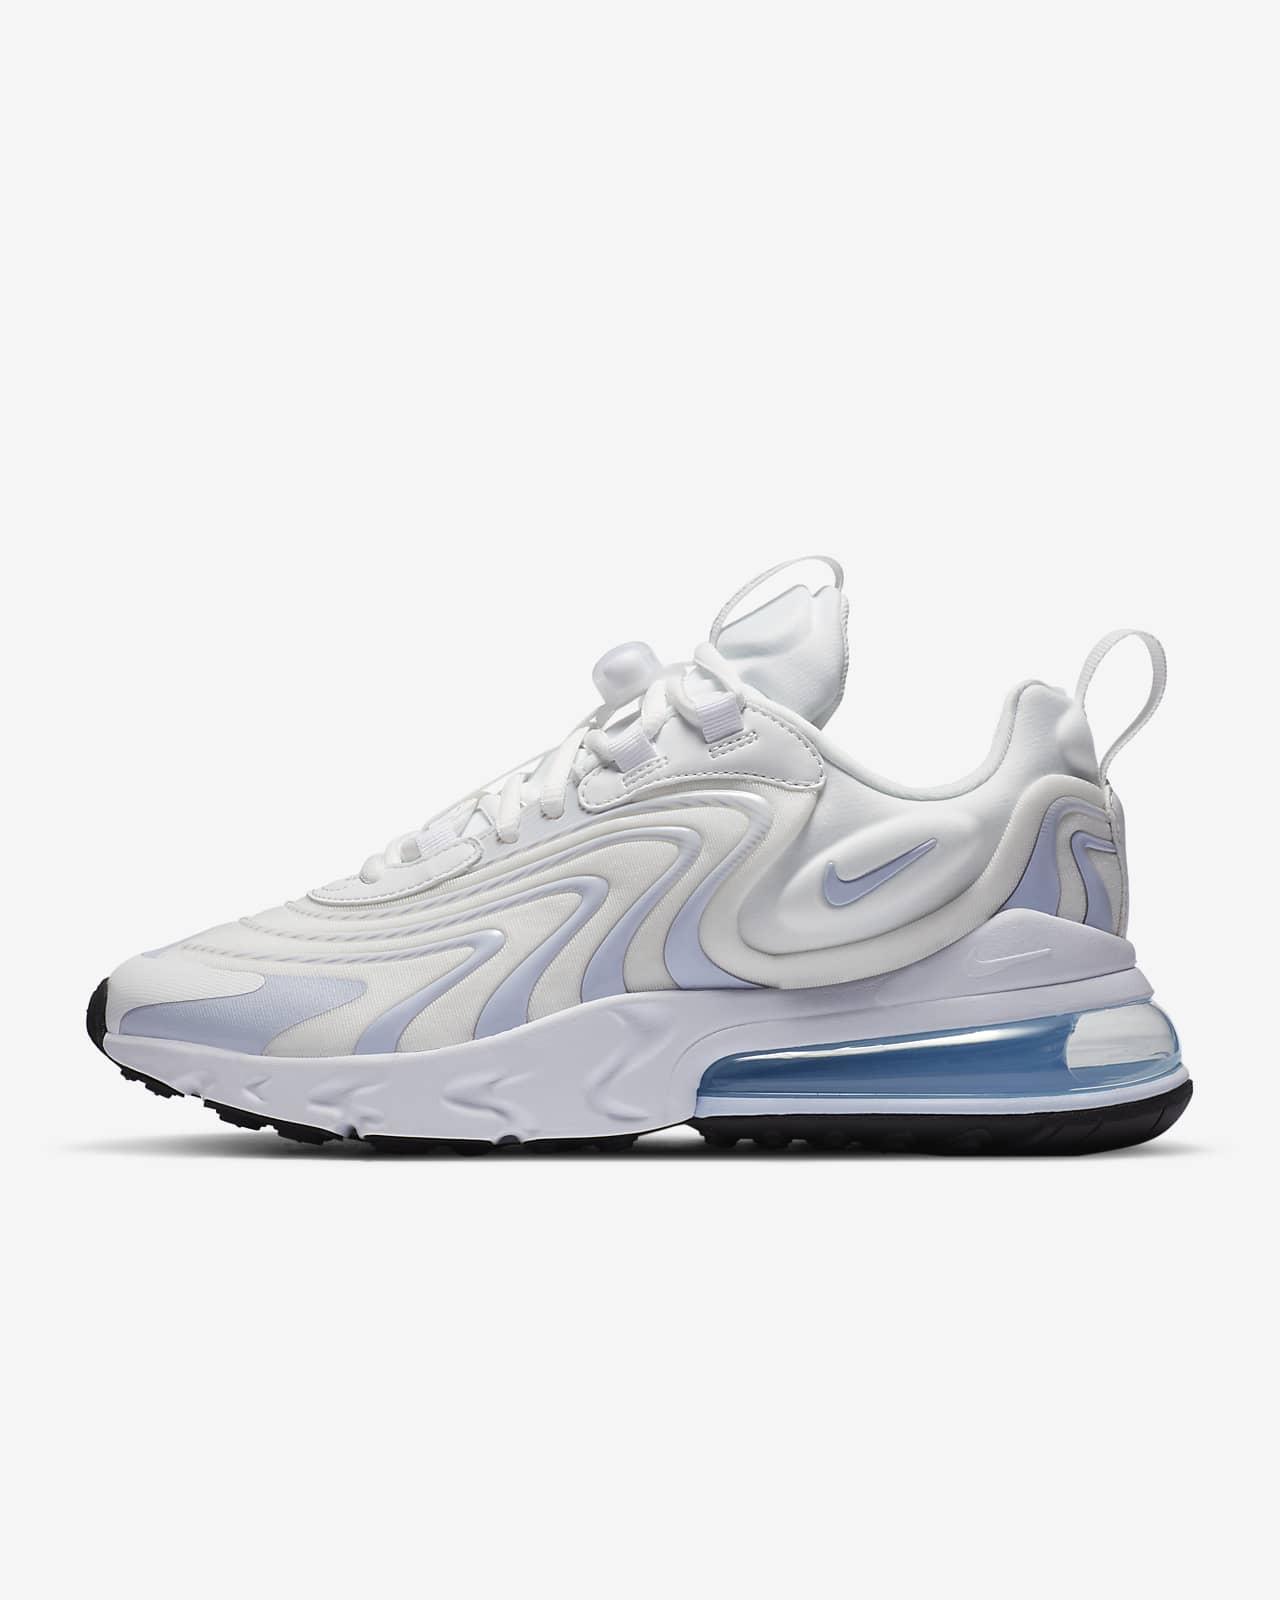 รองเท้าผู้หญิง Nike Air Max 270 React ENG